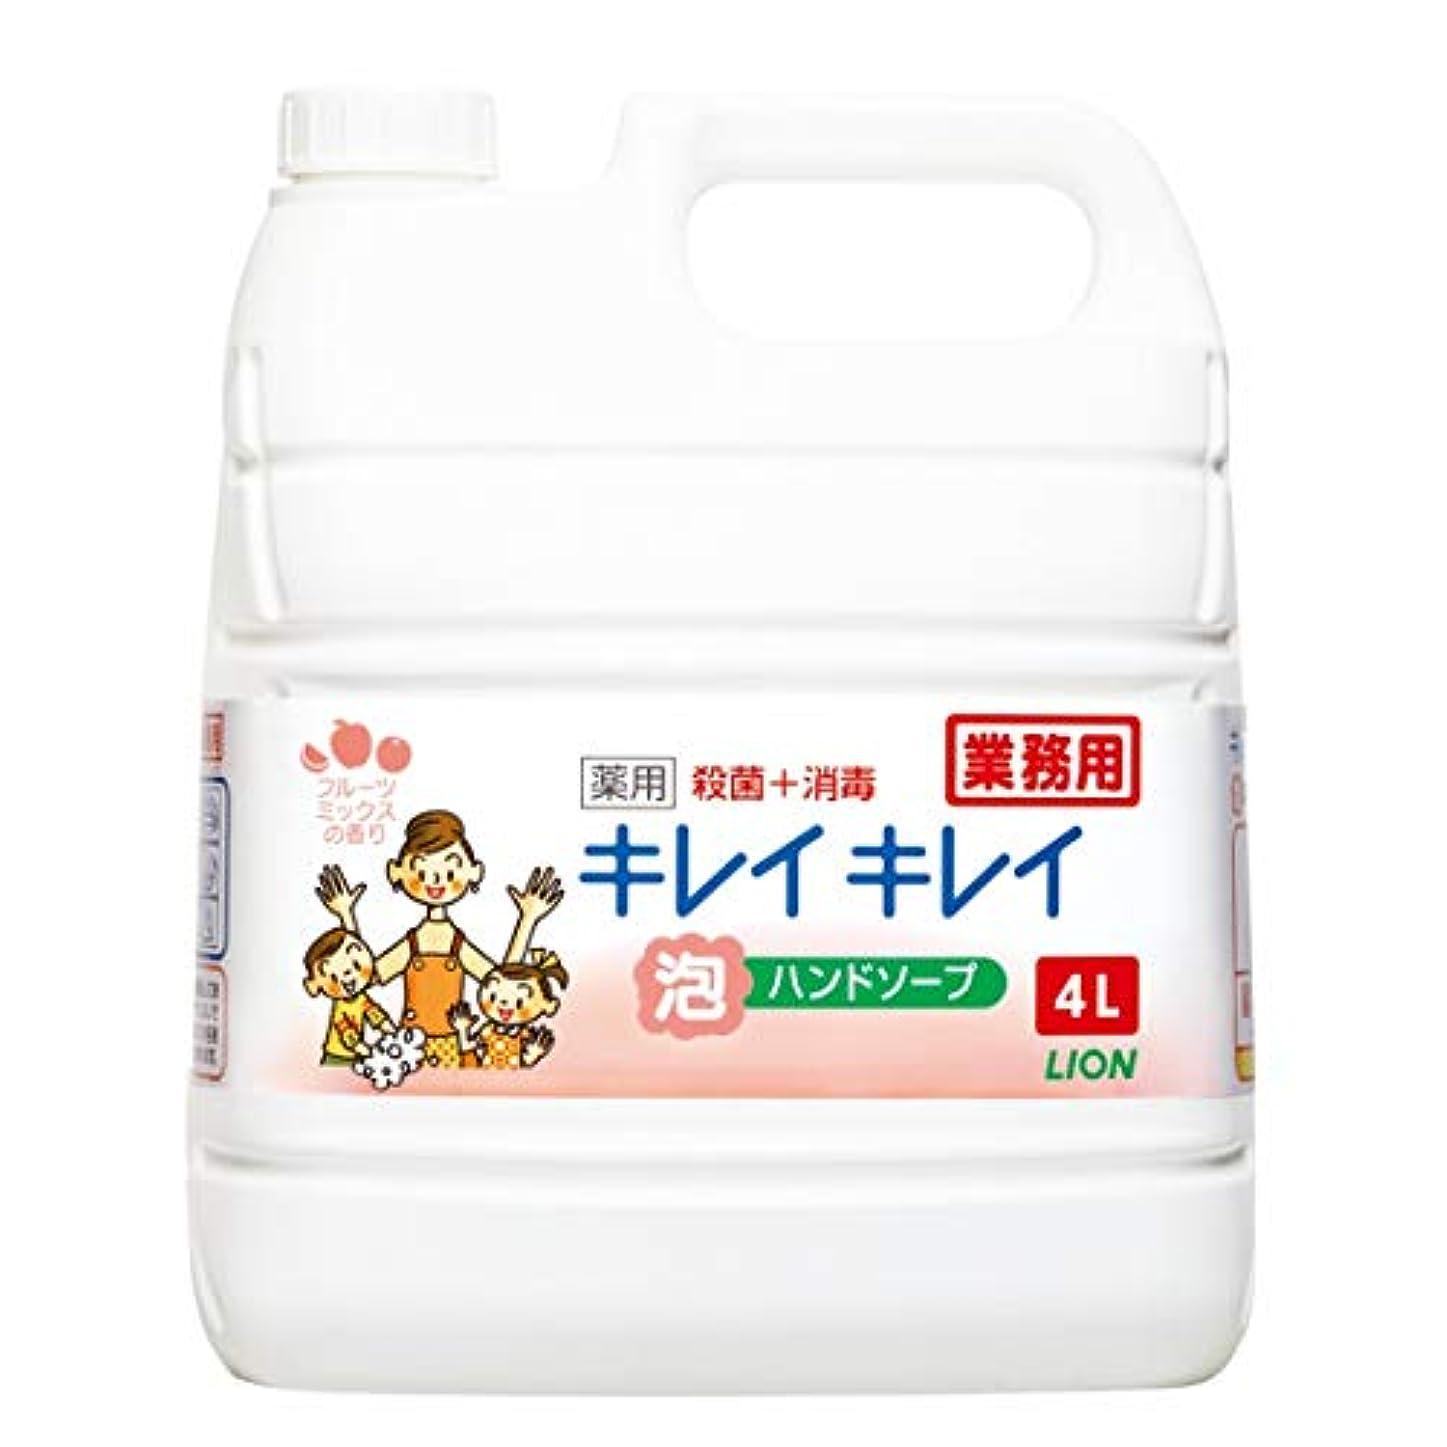 化学薬品失われた基本的な【業務用 大容量】キレイキレイ 薬用 泡ハンドソープフルーツミックスの香り 4L(医薬部外品)